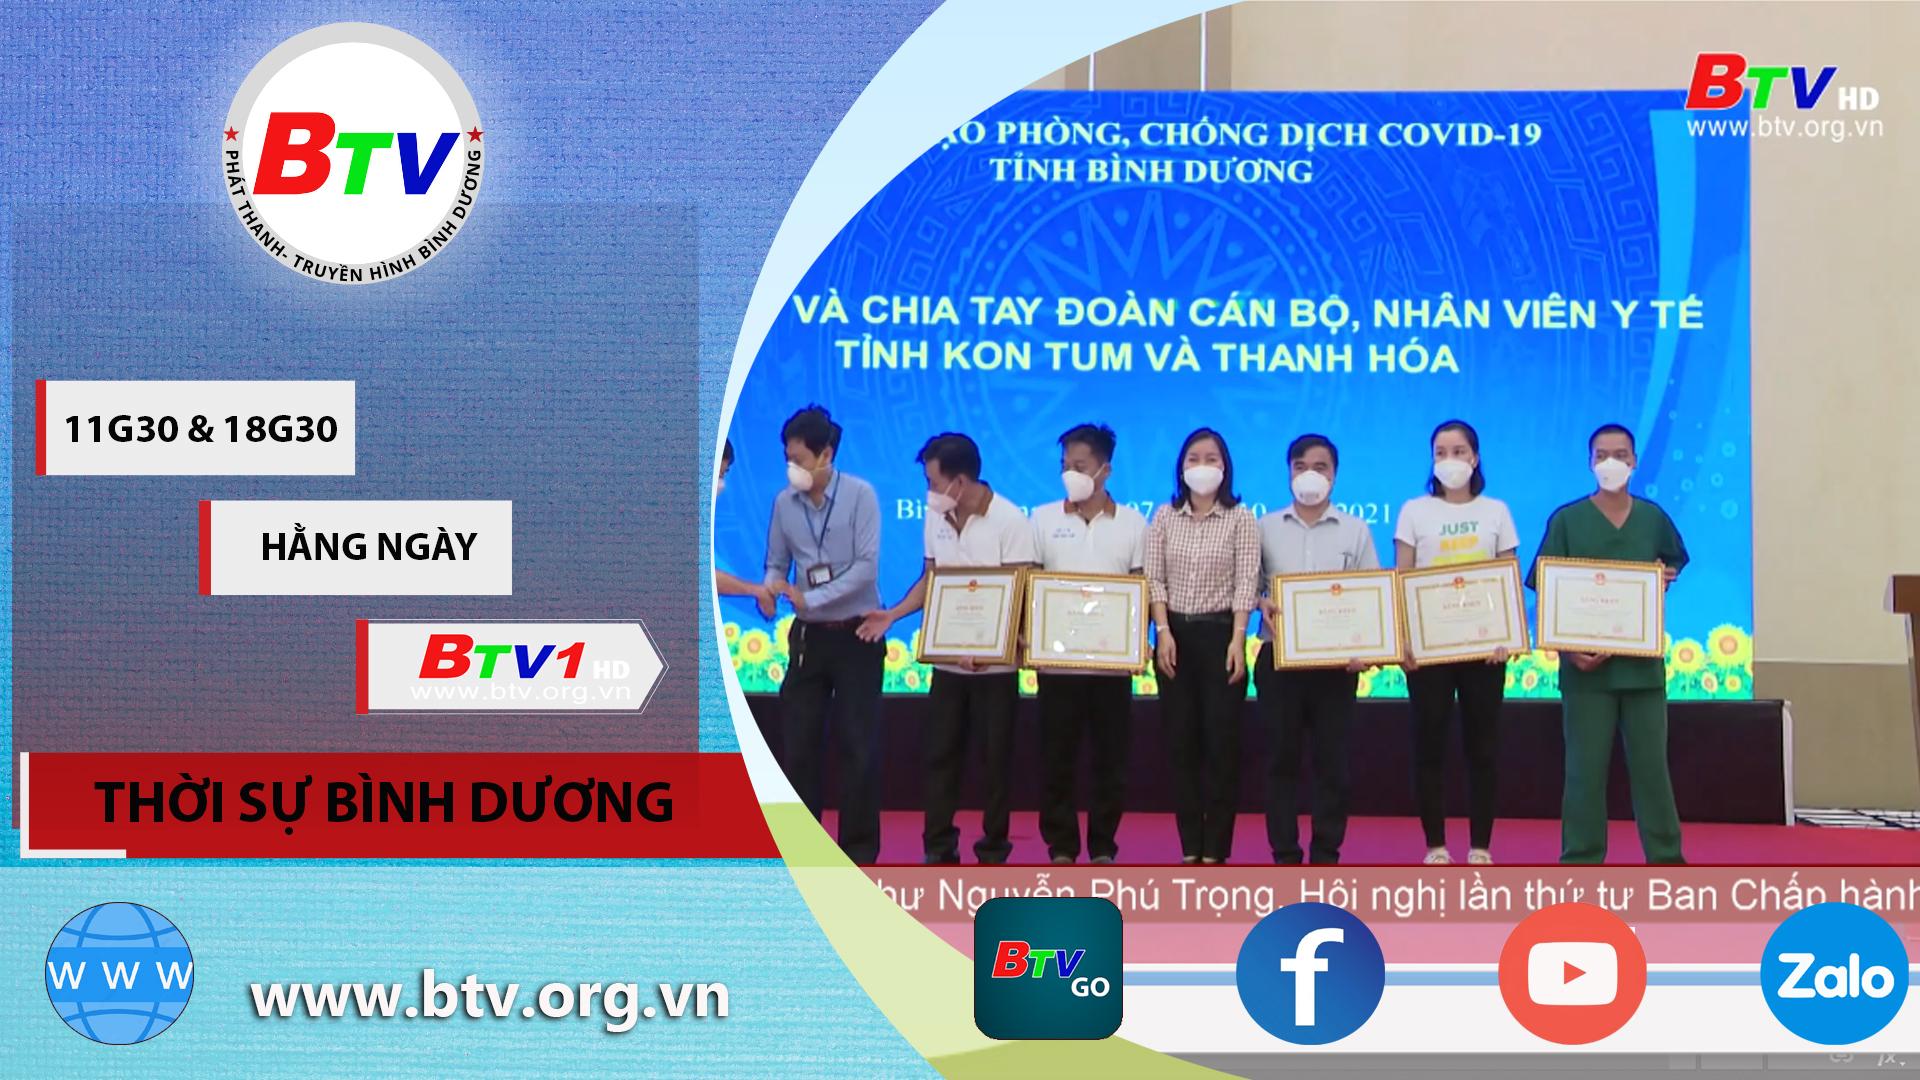 Họp mặt chia tay đoàn y tế tỉnh Kon Tum và Thanh Hóa